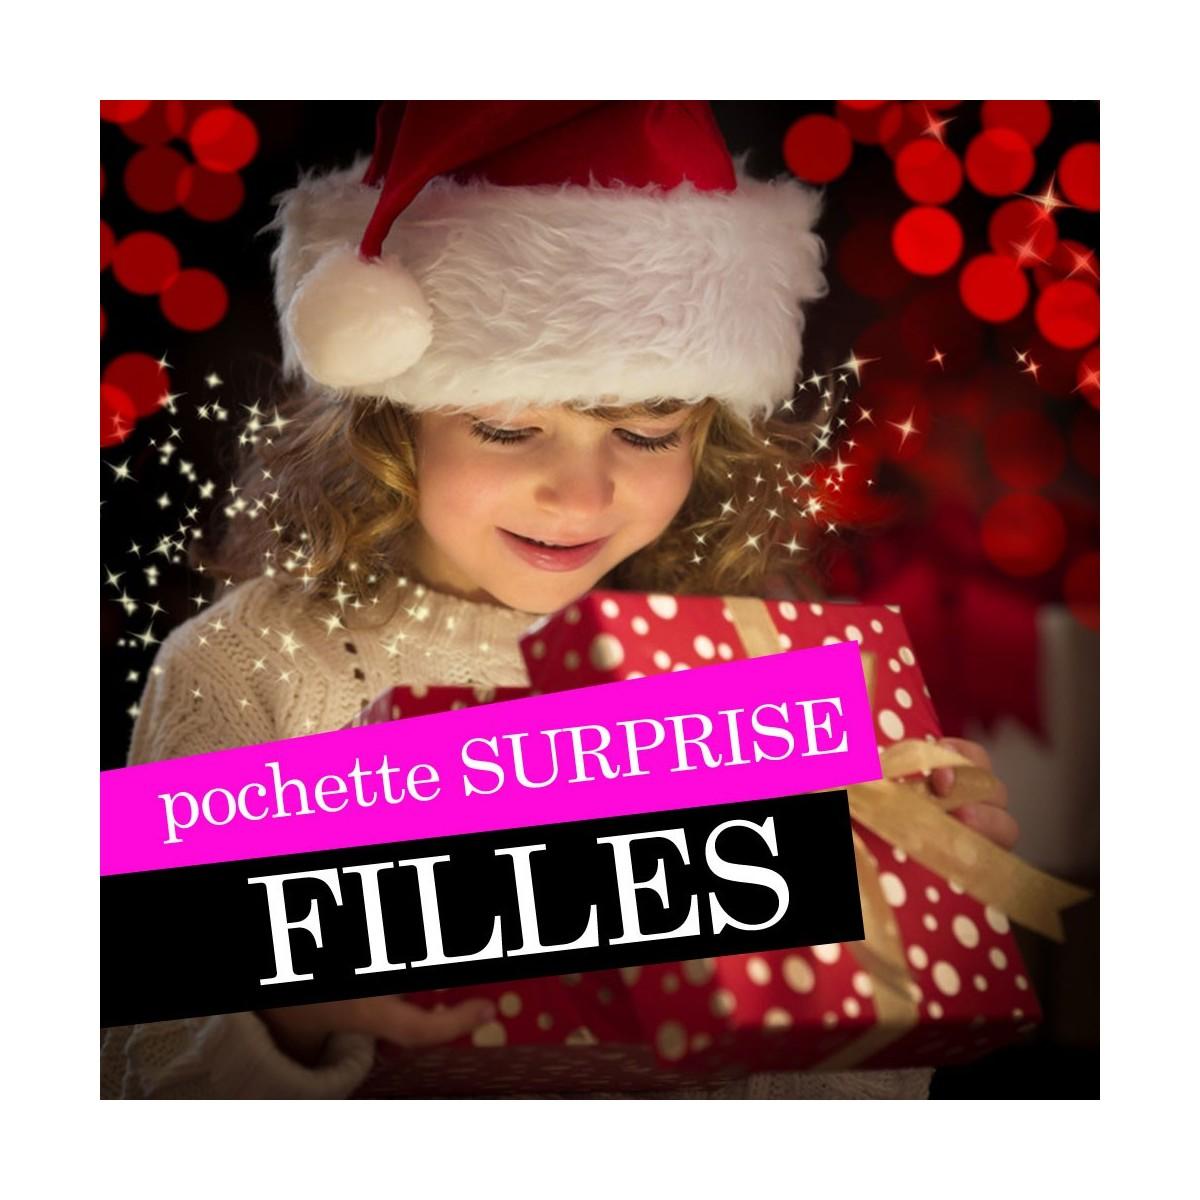 POCHETTE SURPRISE - Filles